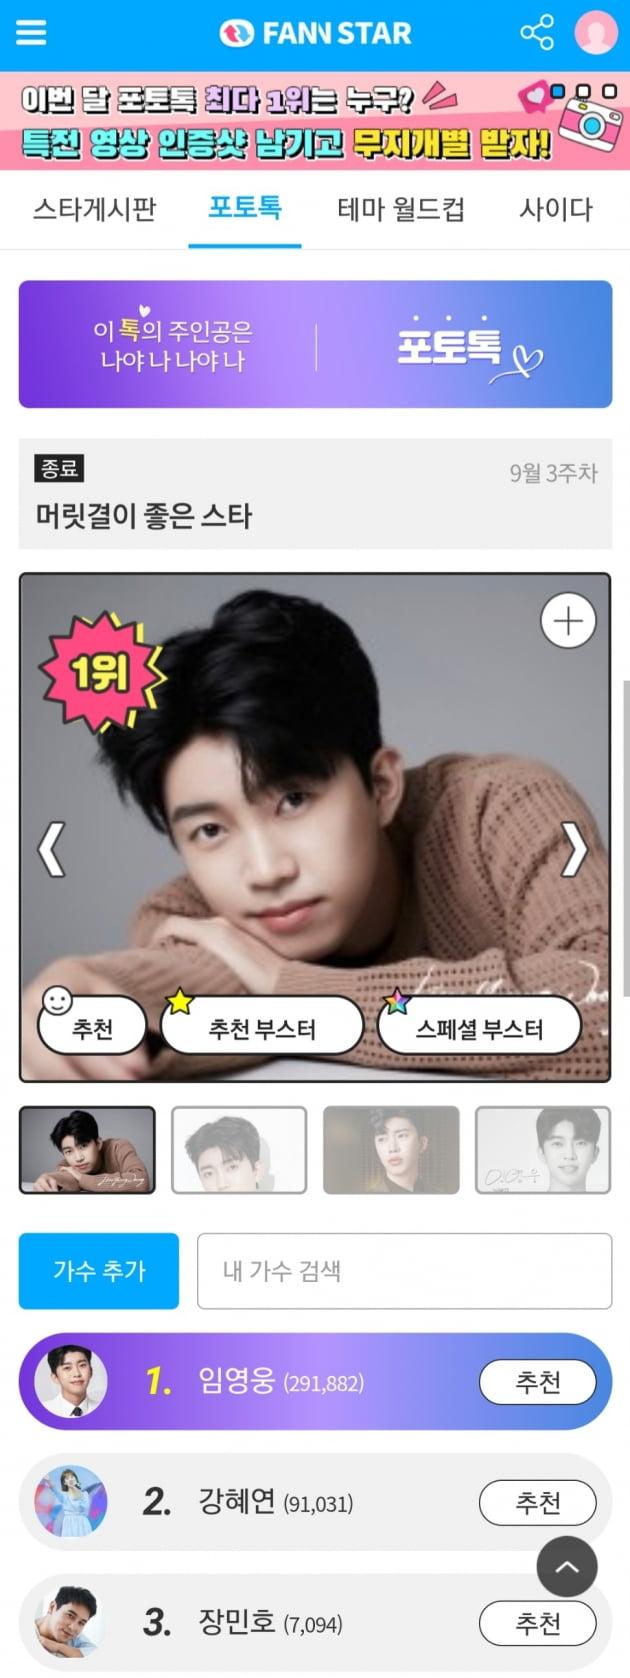 임영웅, '머리결이 좋은 스타' 포토톡 1위…'압도적인 분위기'